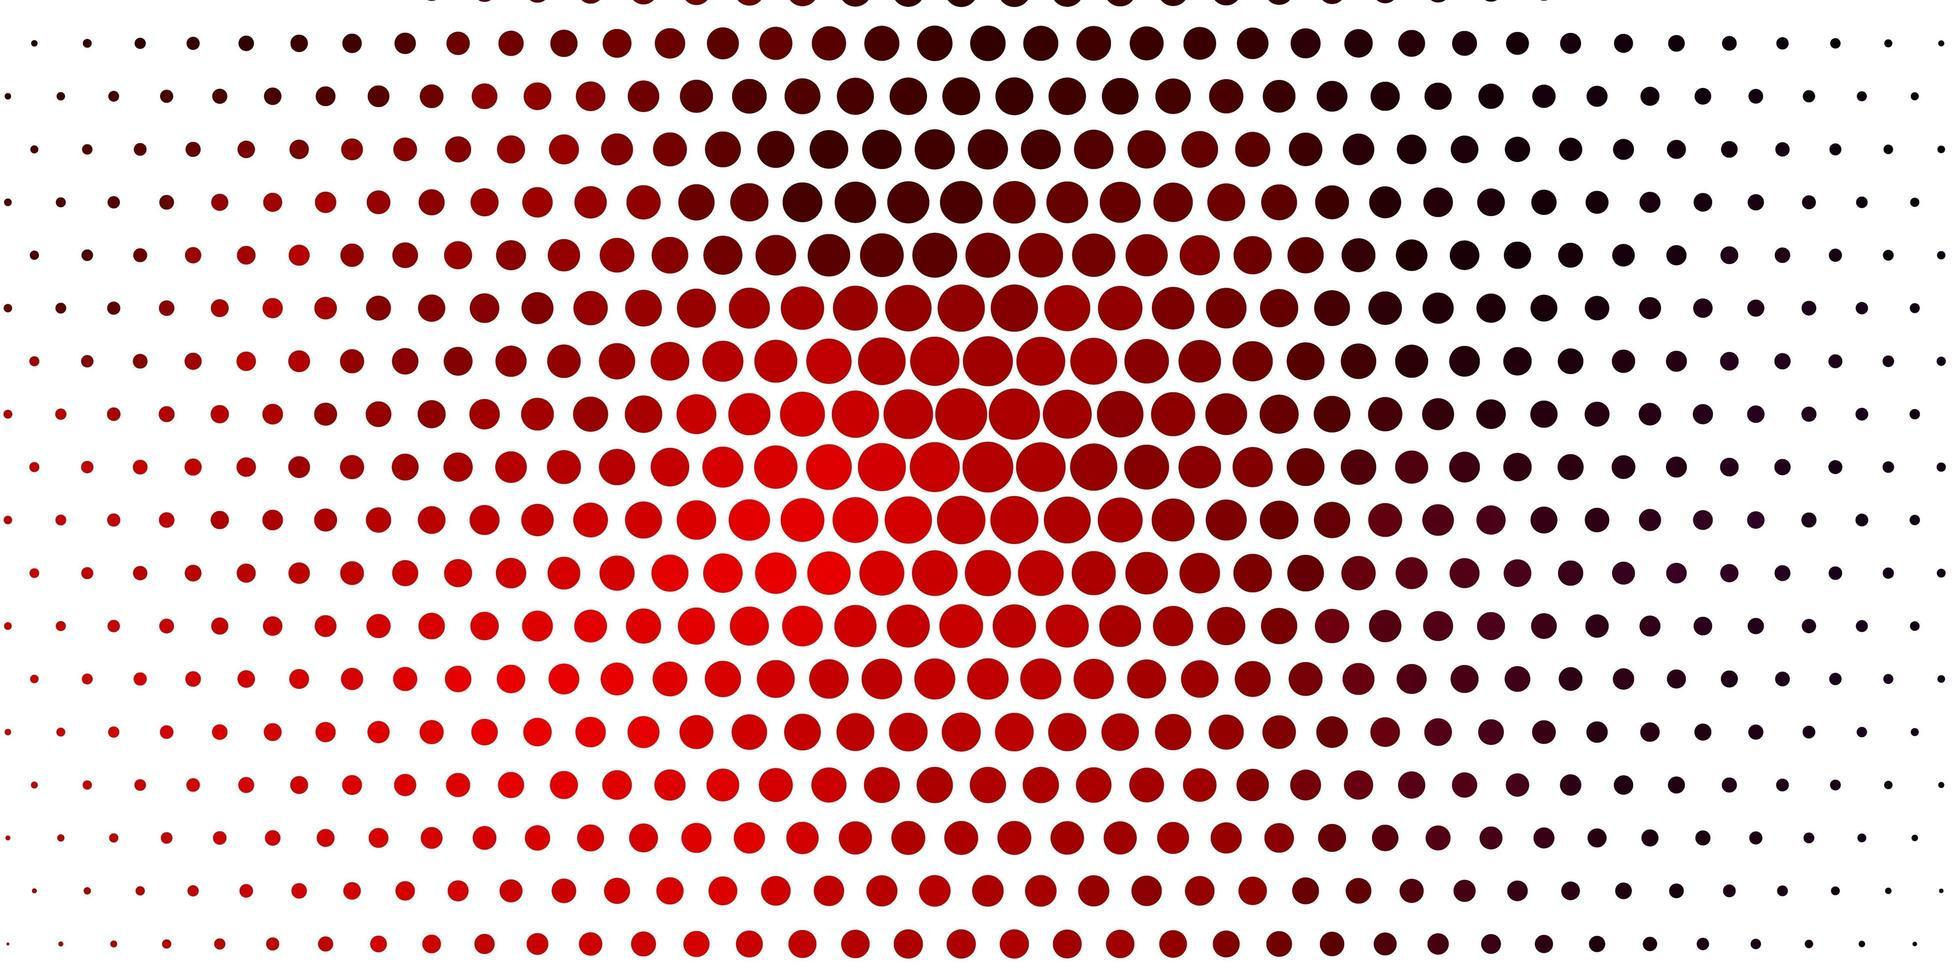 rotes Muster mit Kugeln. vektor